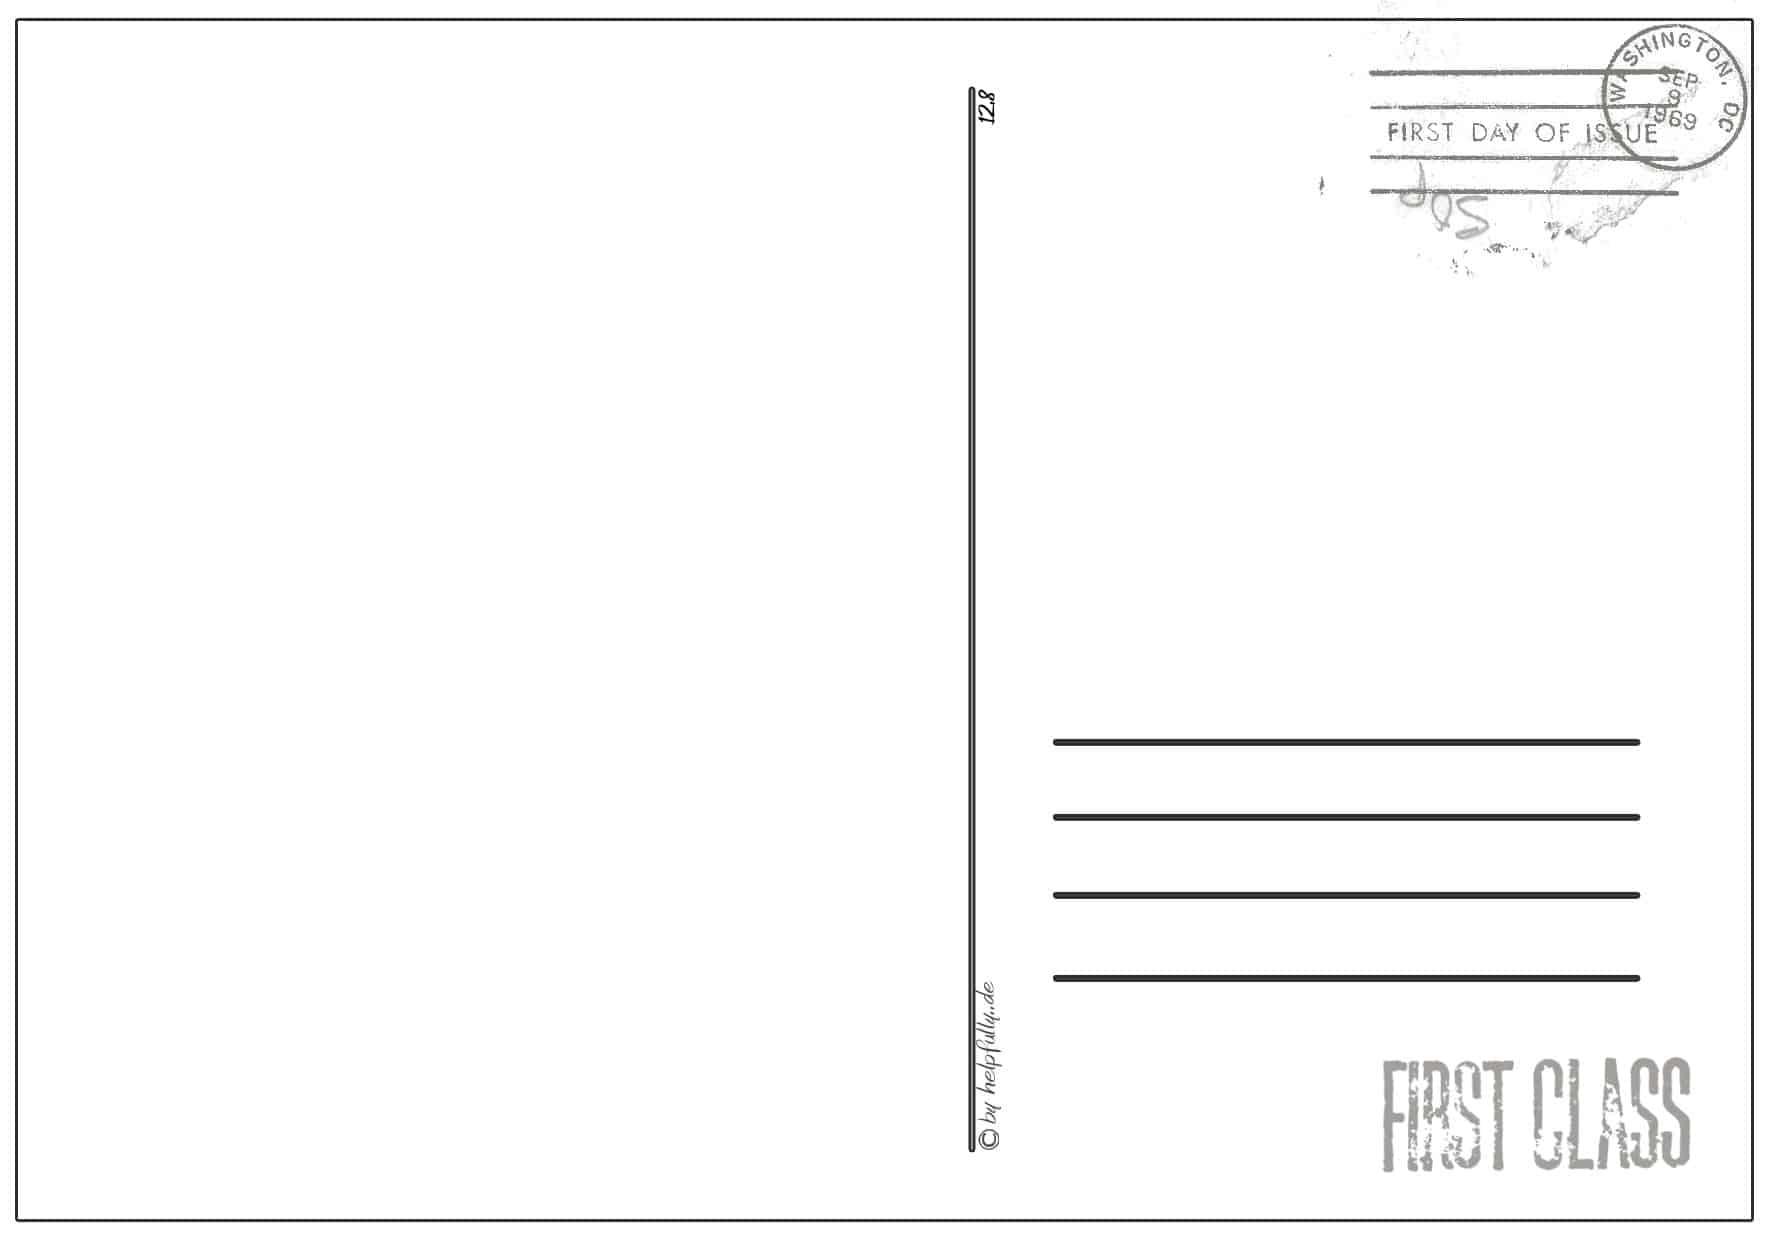 Karten, Postkarten, Einladungen| Gratis Papier-Vorlagen Zum bestimmt für Postkarten Kostenlos Drucken